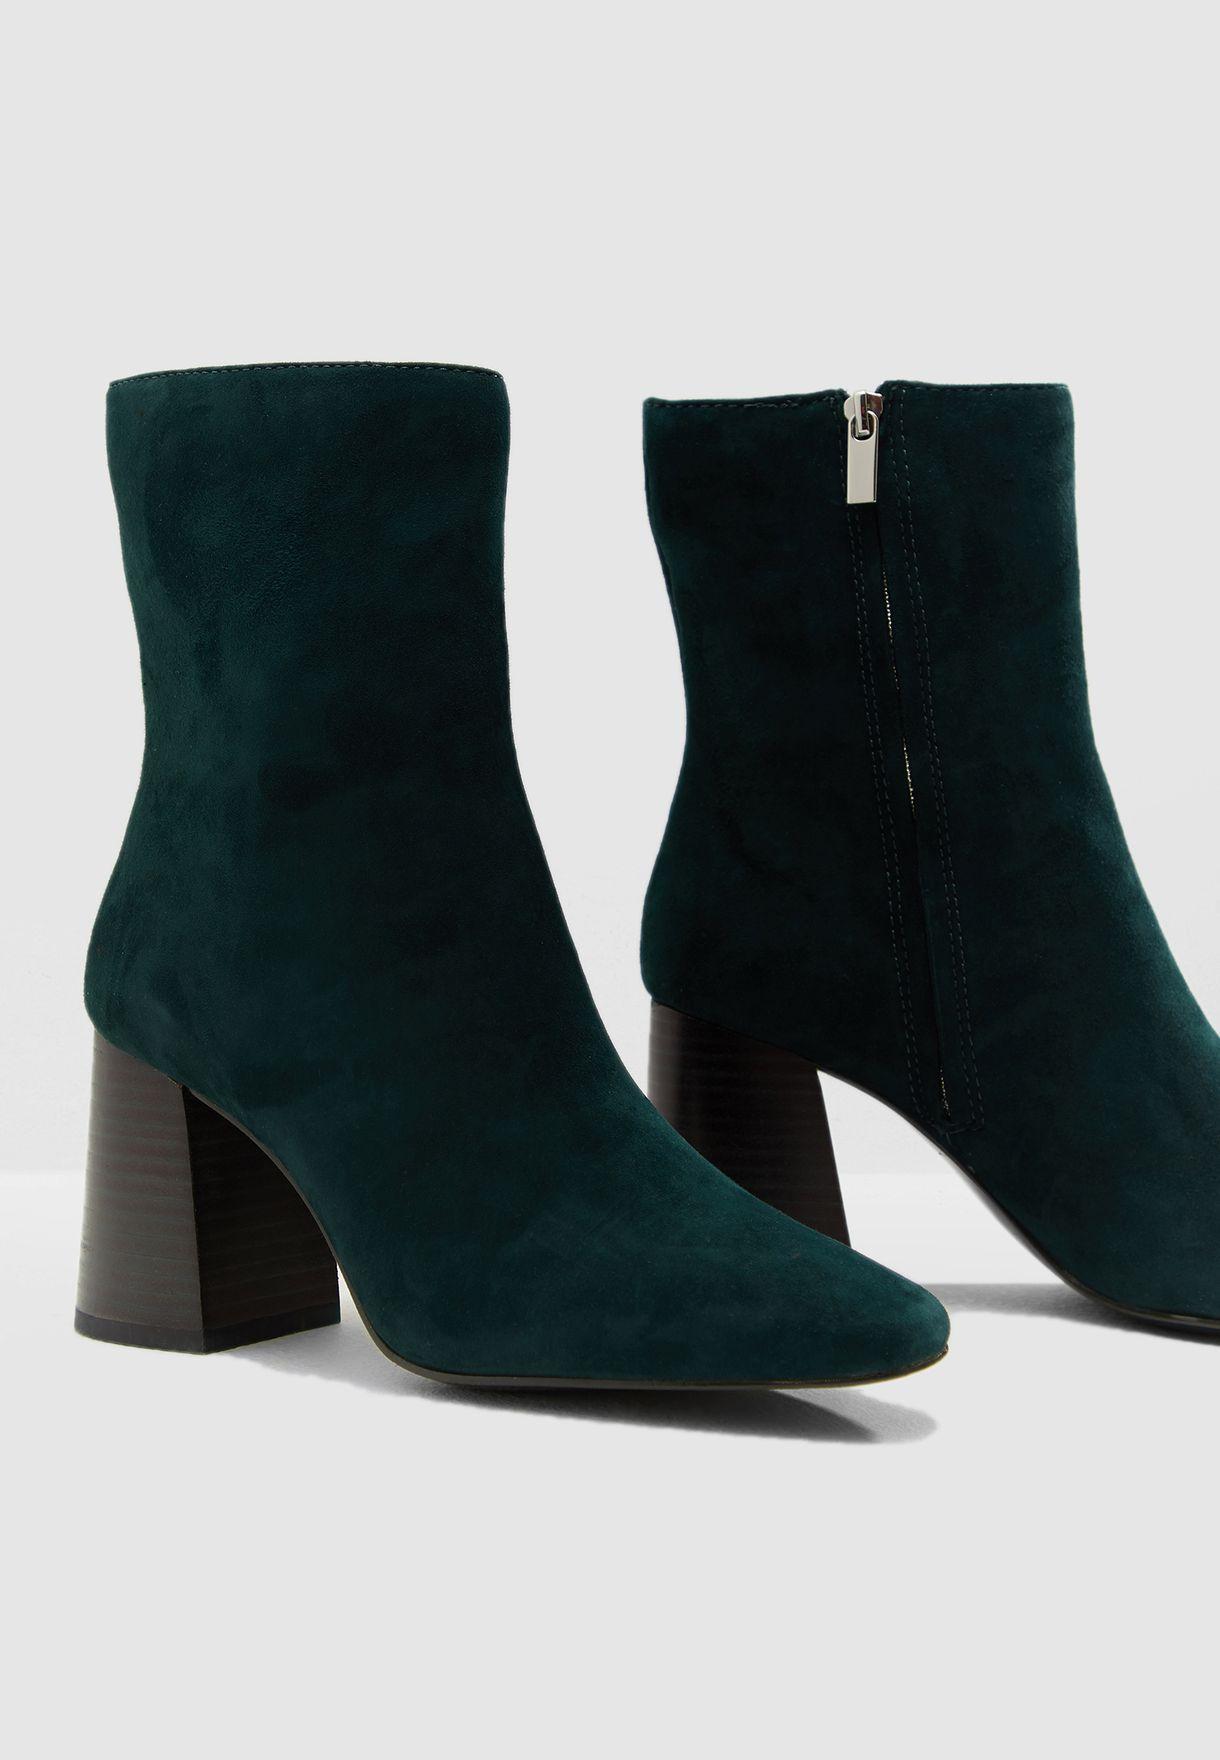 topshop heidi boots